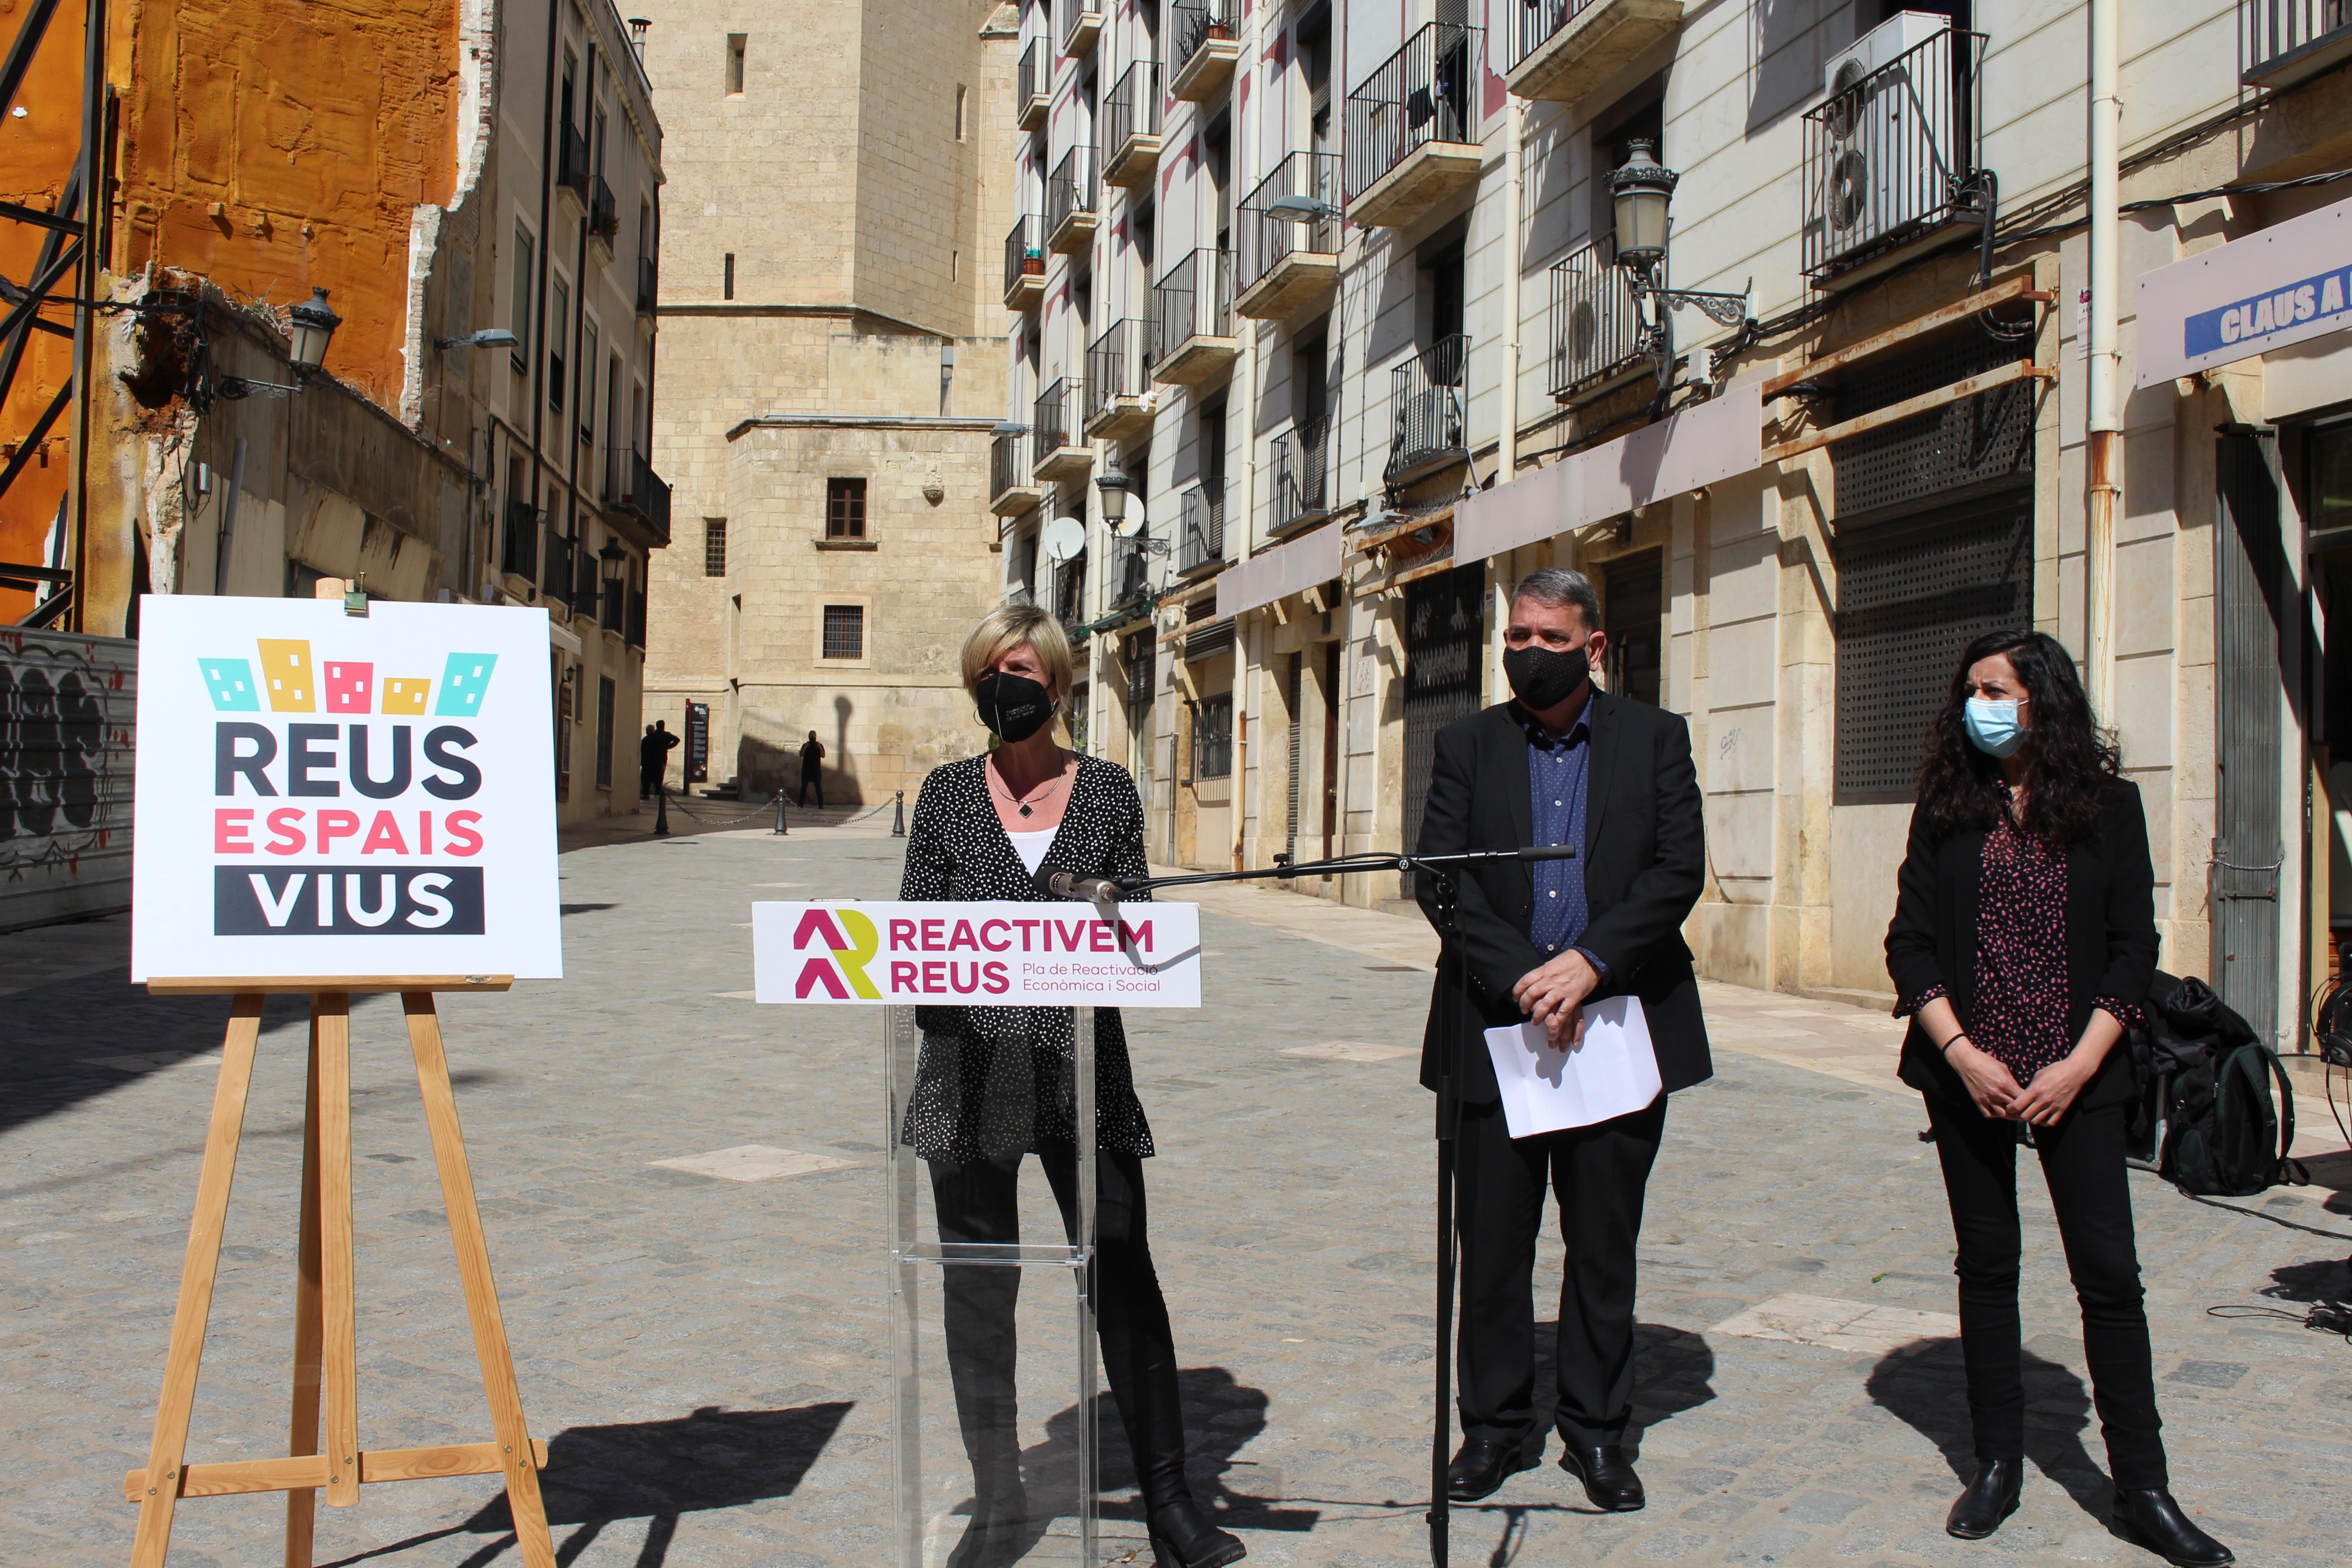 La regidoria d'Empresa i Ocupació ha presentat el projecte Reus Espais Vius amb l'objectiu de dinamitzar l'eix comercial dels ravals...